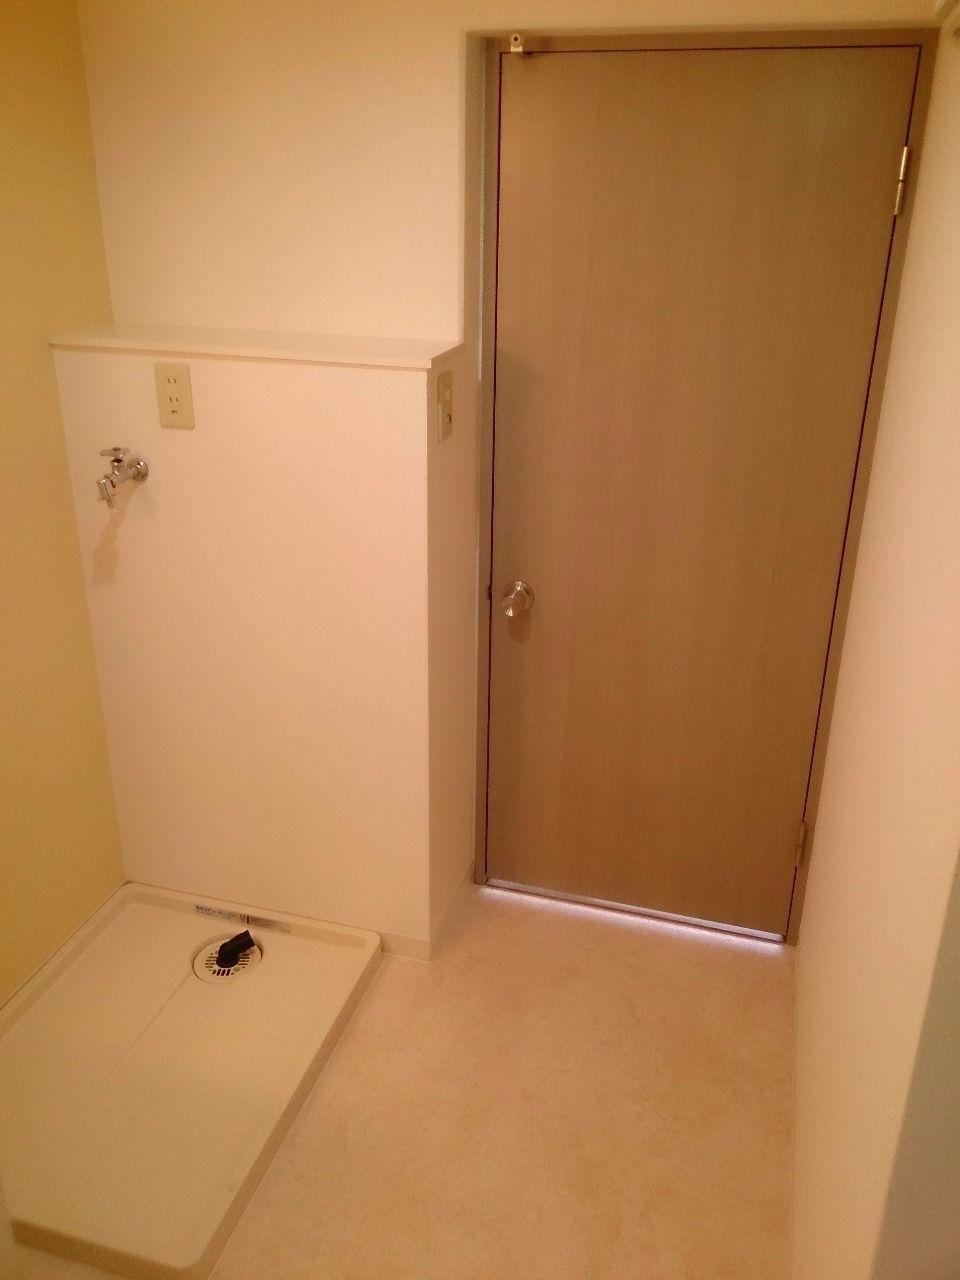 リビングへ繋がる戸があります 洗濯を干す時に便利です